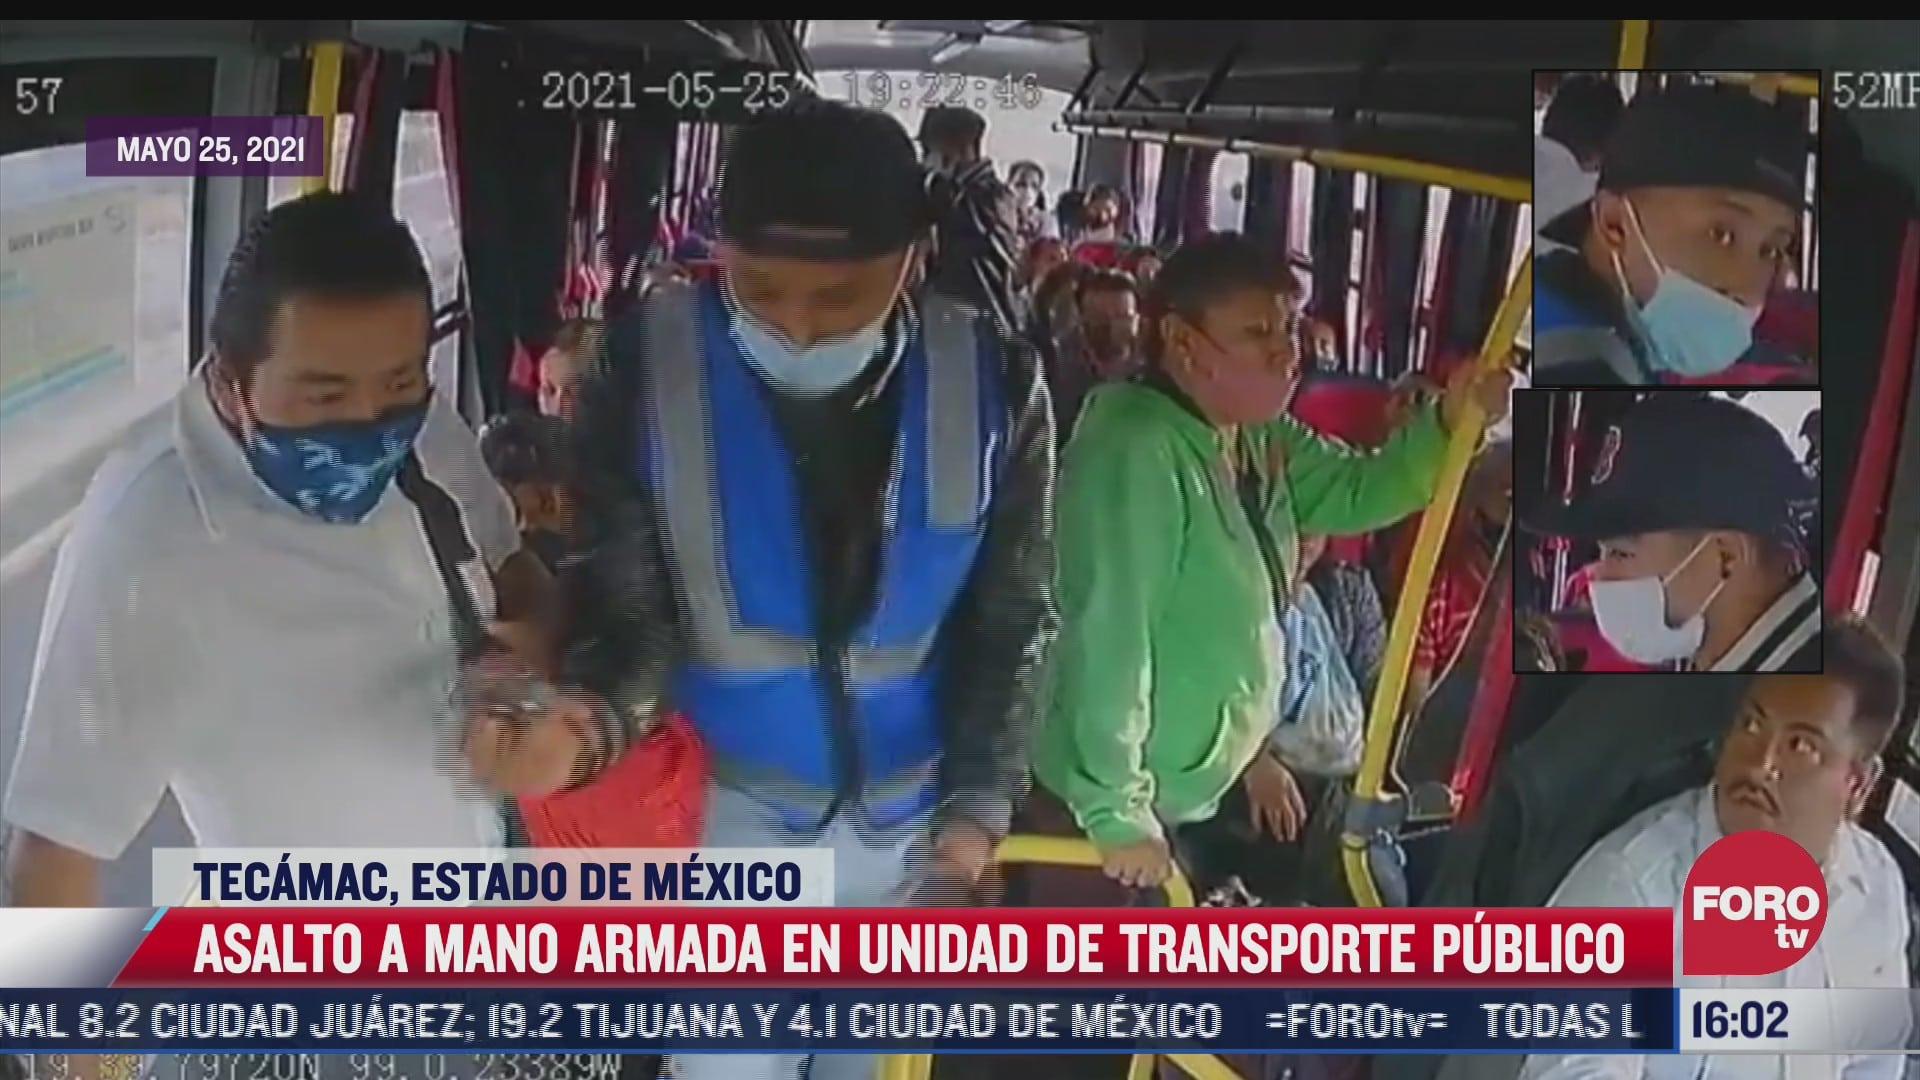 asaltan con violencia a usuarios de transporte publico en tecamac